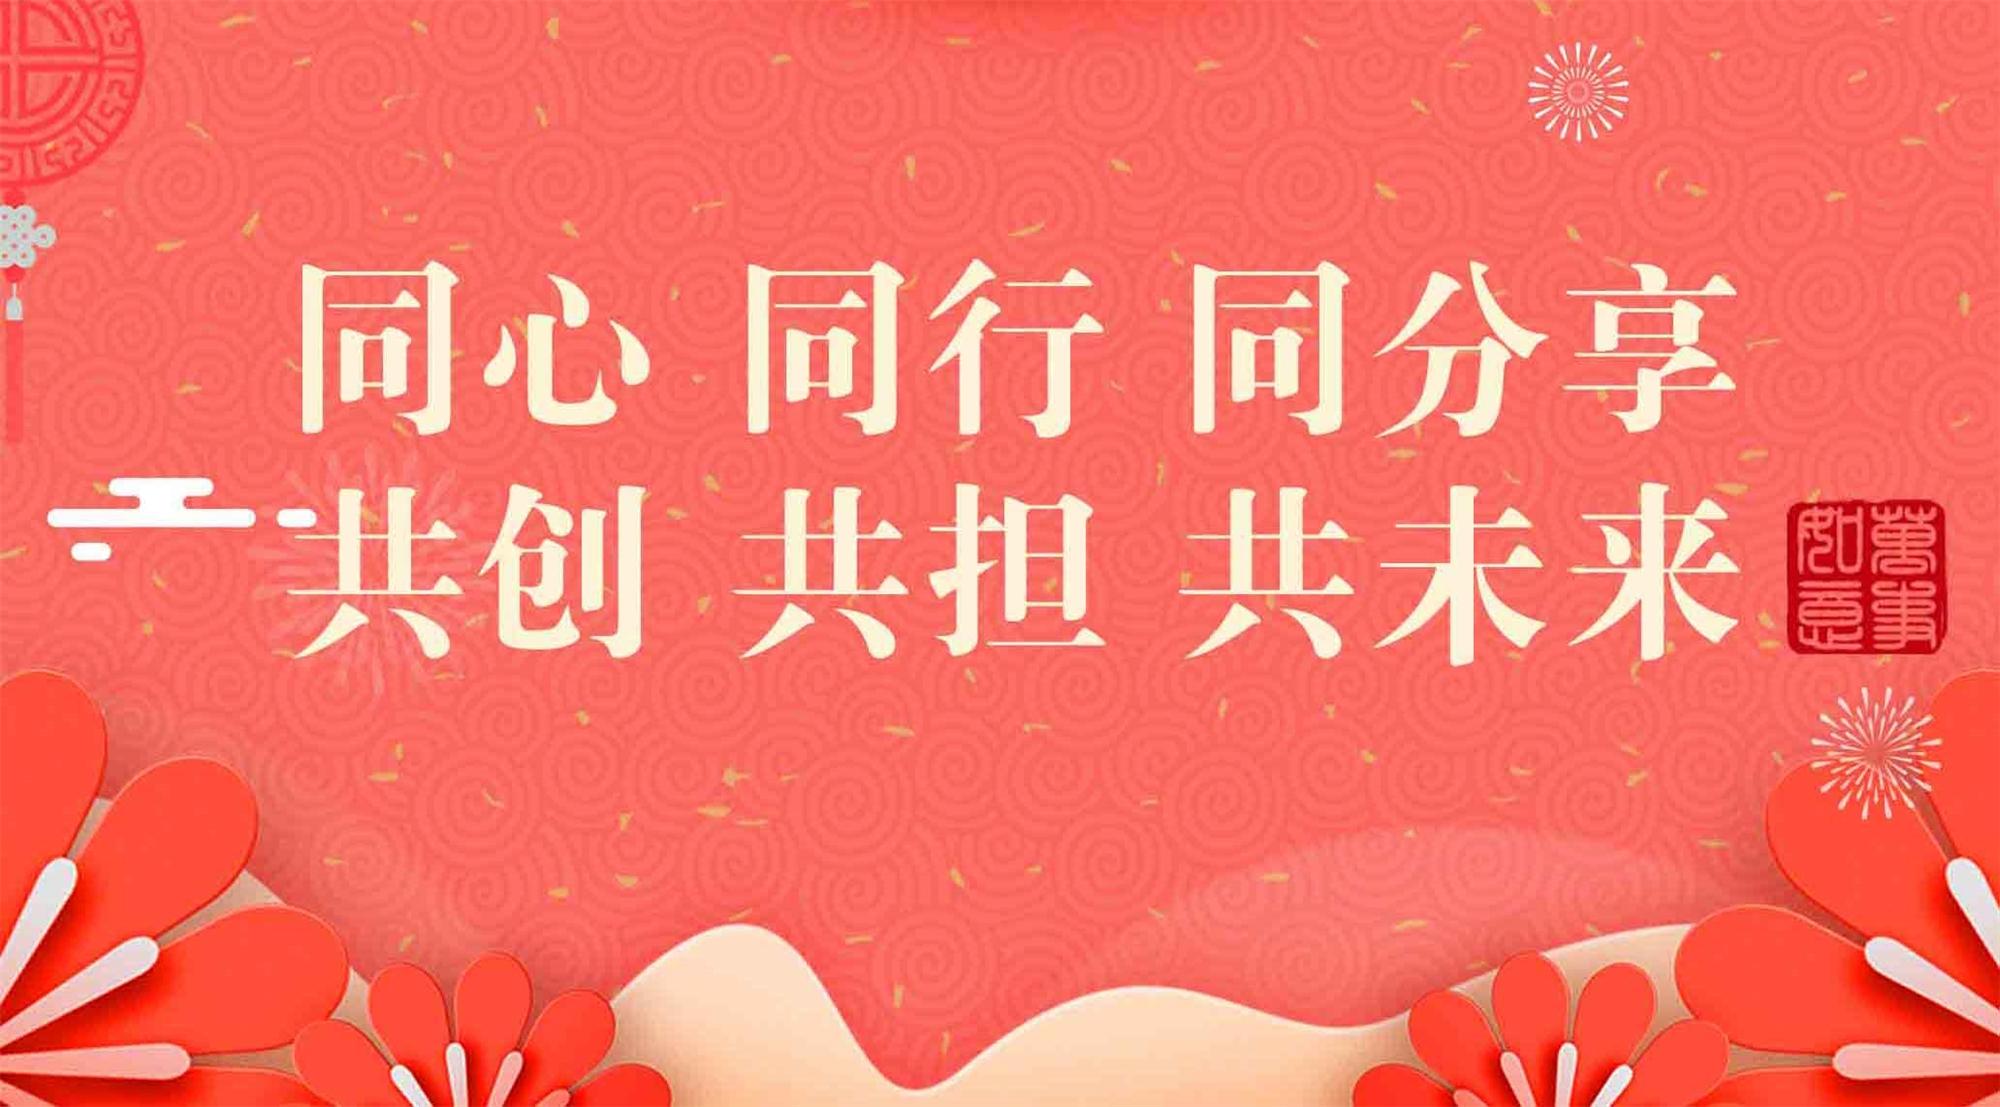 万象始更新 | 延华集团开工首日举办新春团拜会